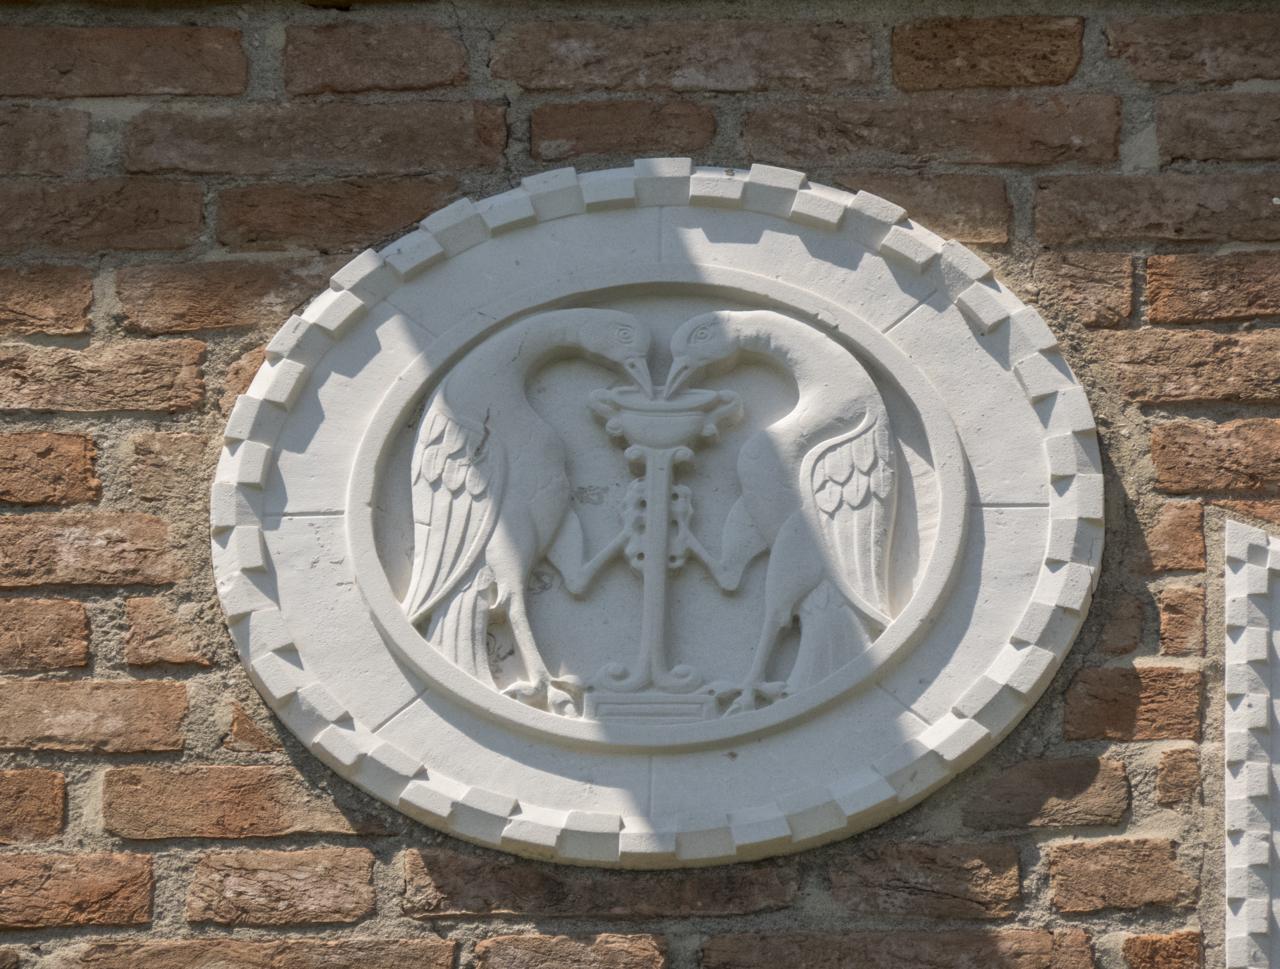 coppia di uccelli, fonte, motivi decorativi a dentelli (formella, serie) - ambito veneziano (sec. XX)